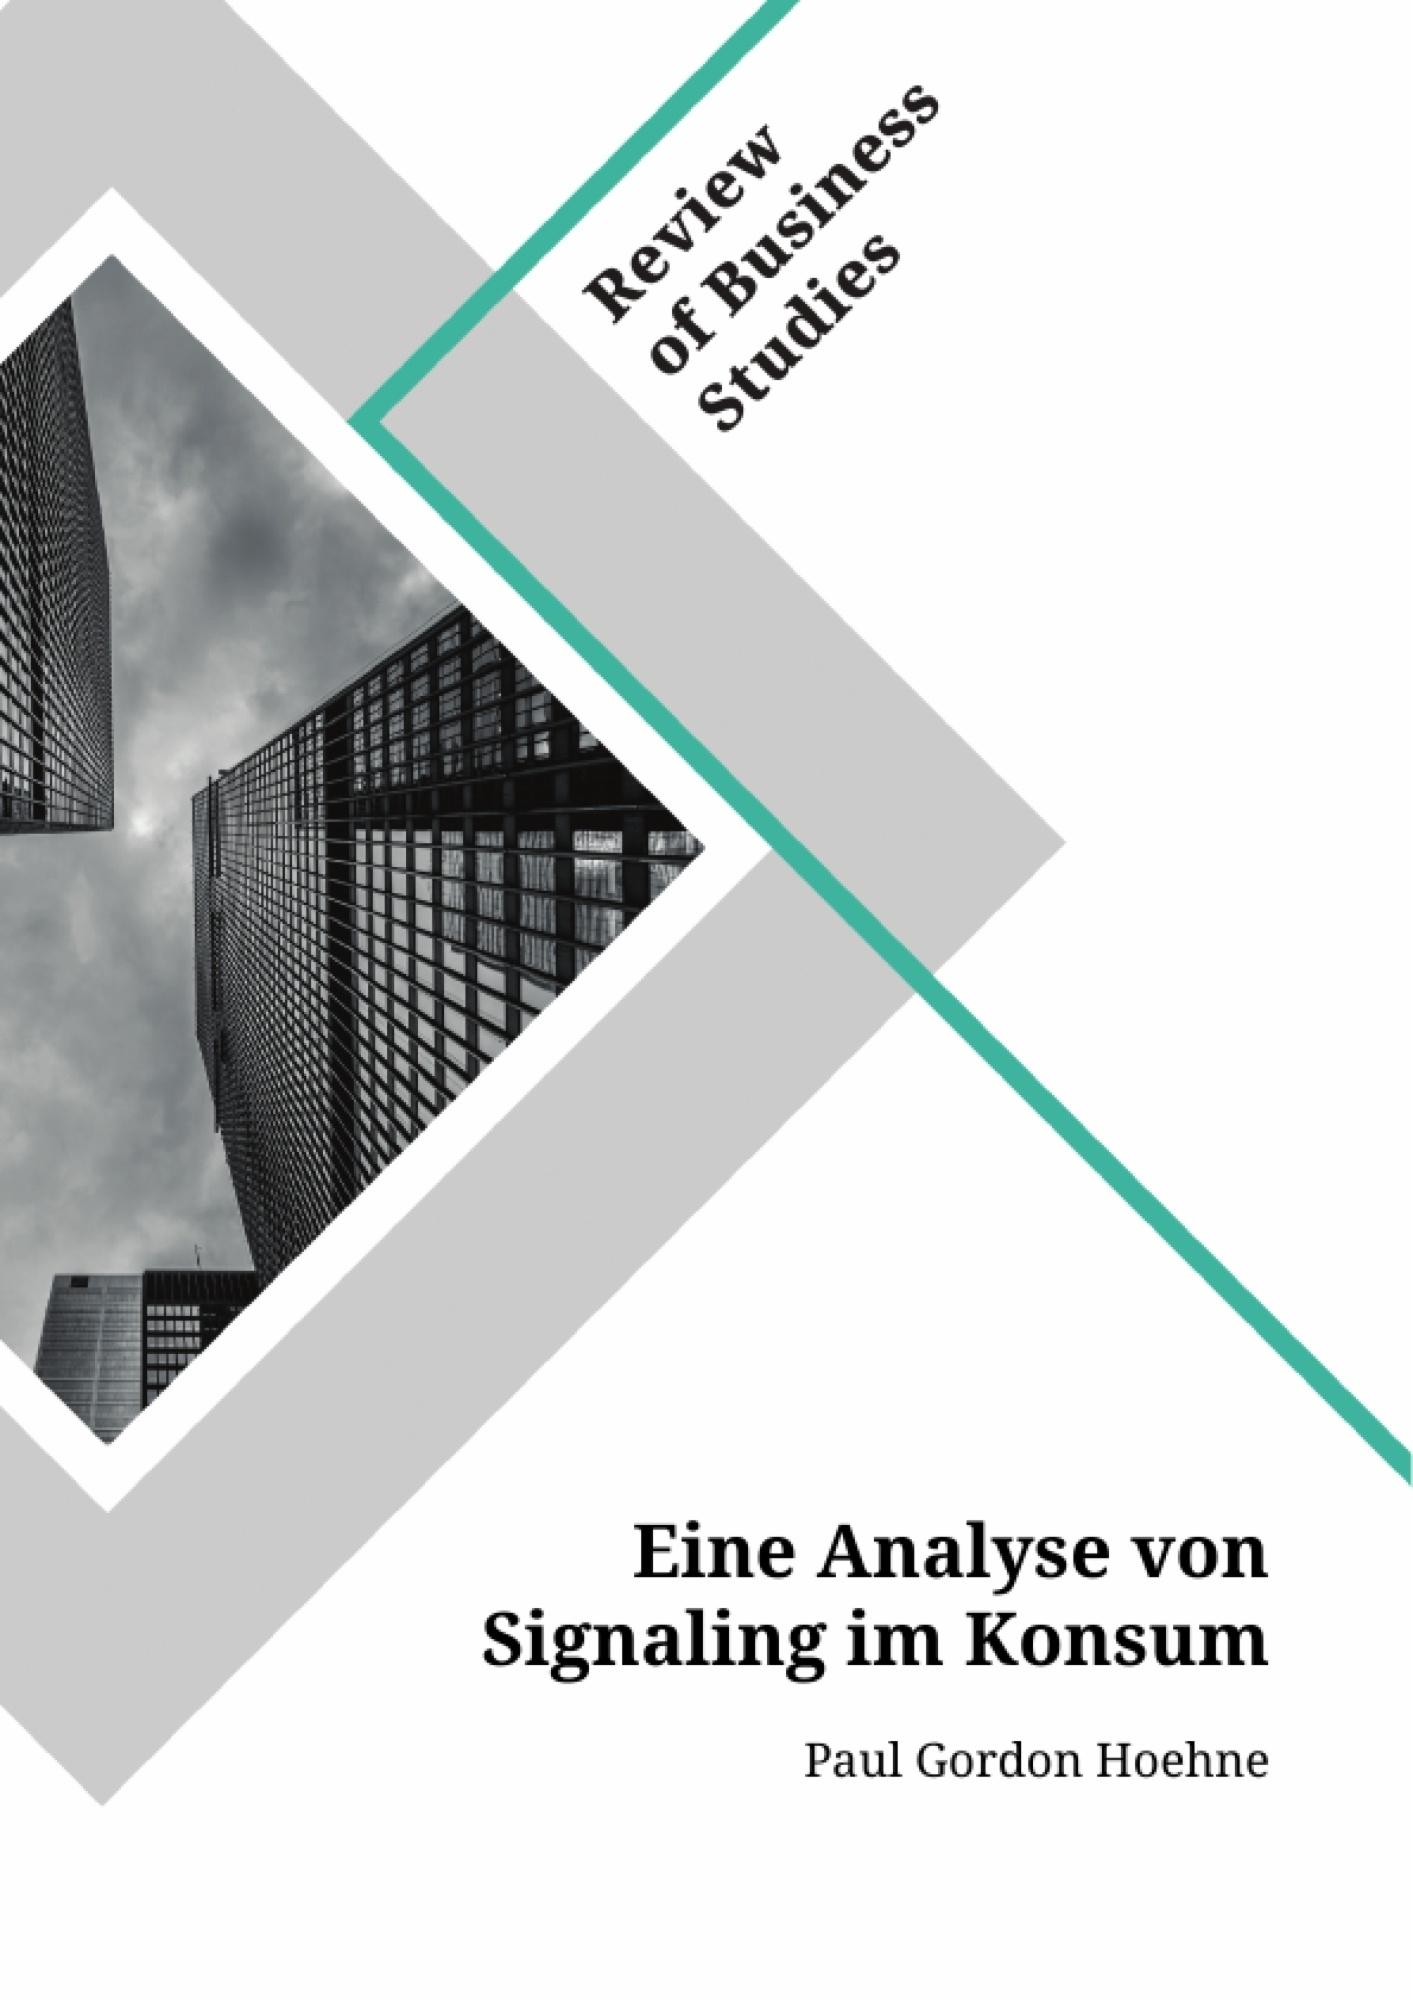 Titel: Eine Analyse von Signaling im Konsum